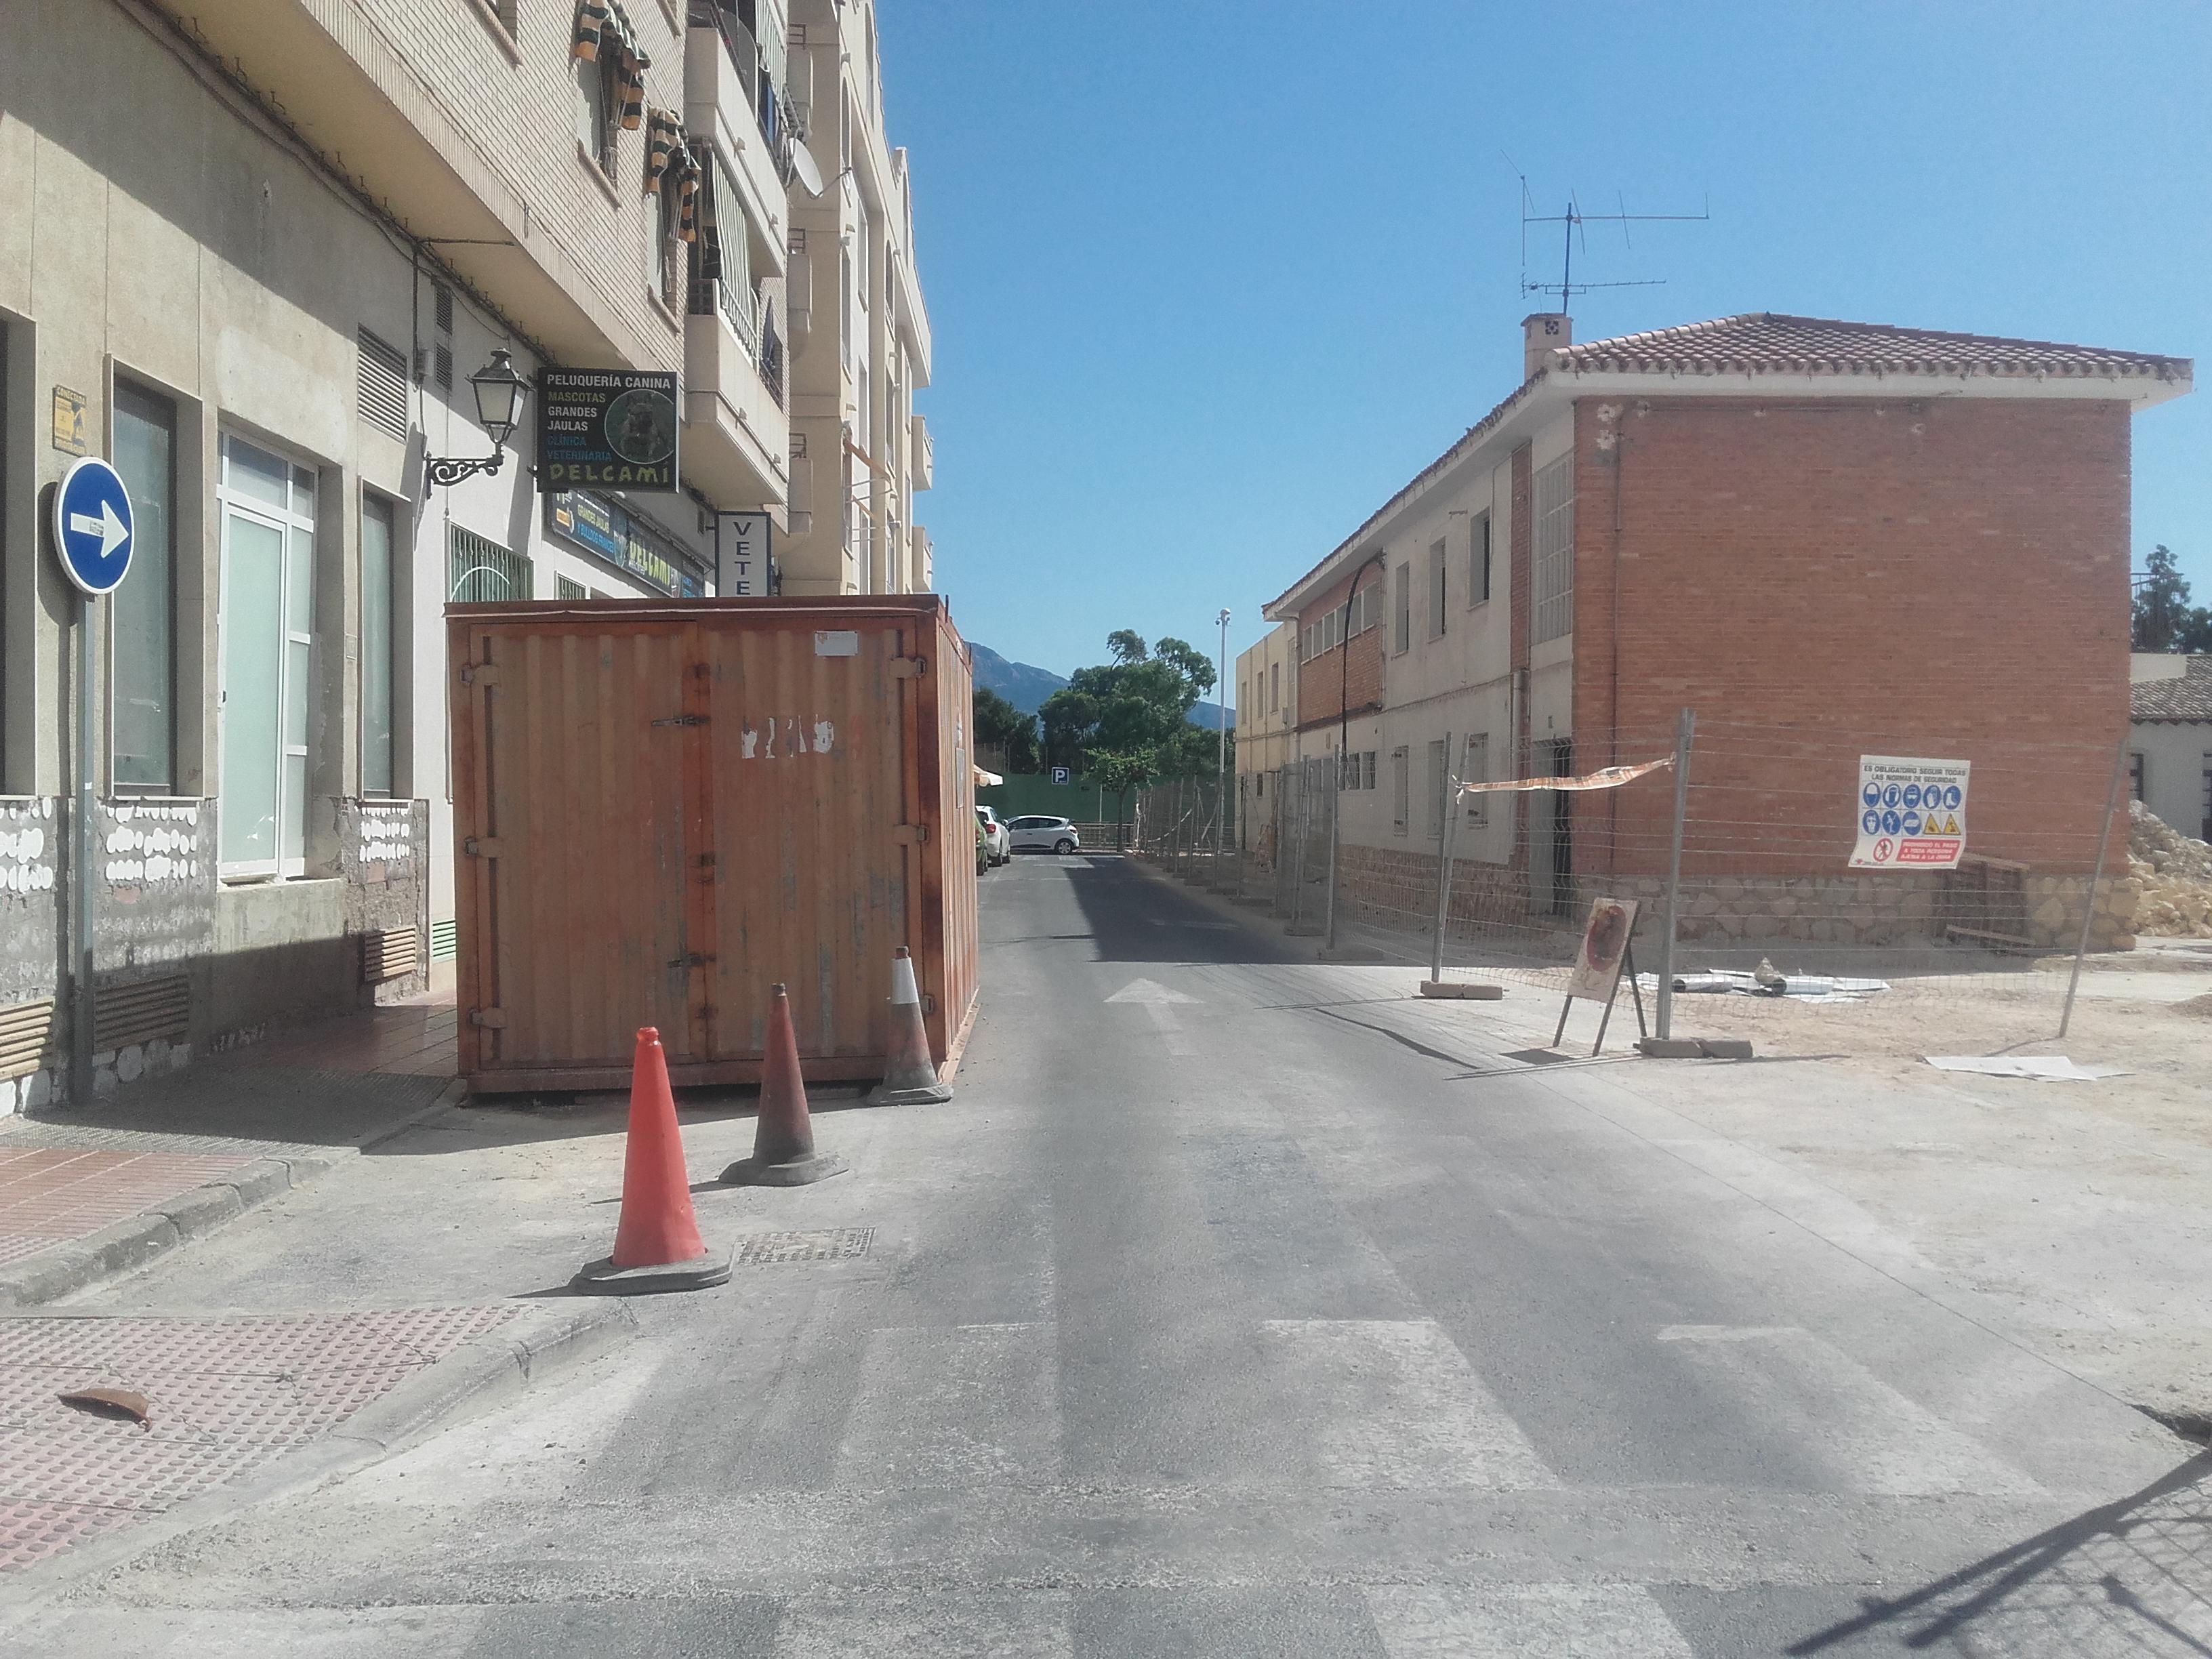 Corte de tráfico en la calle Escuelas por la demolición de un inmueble